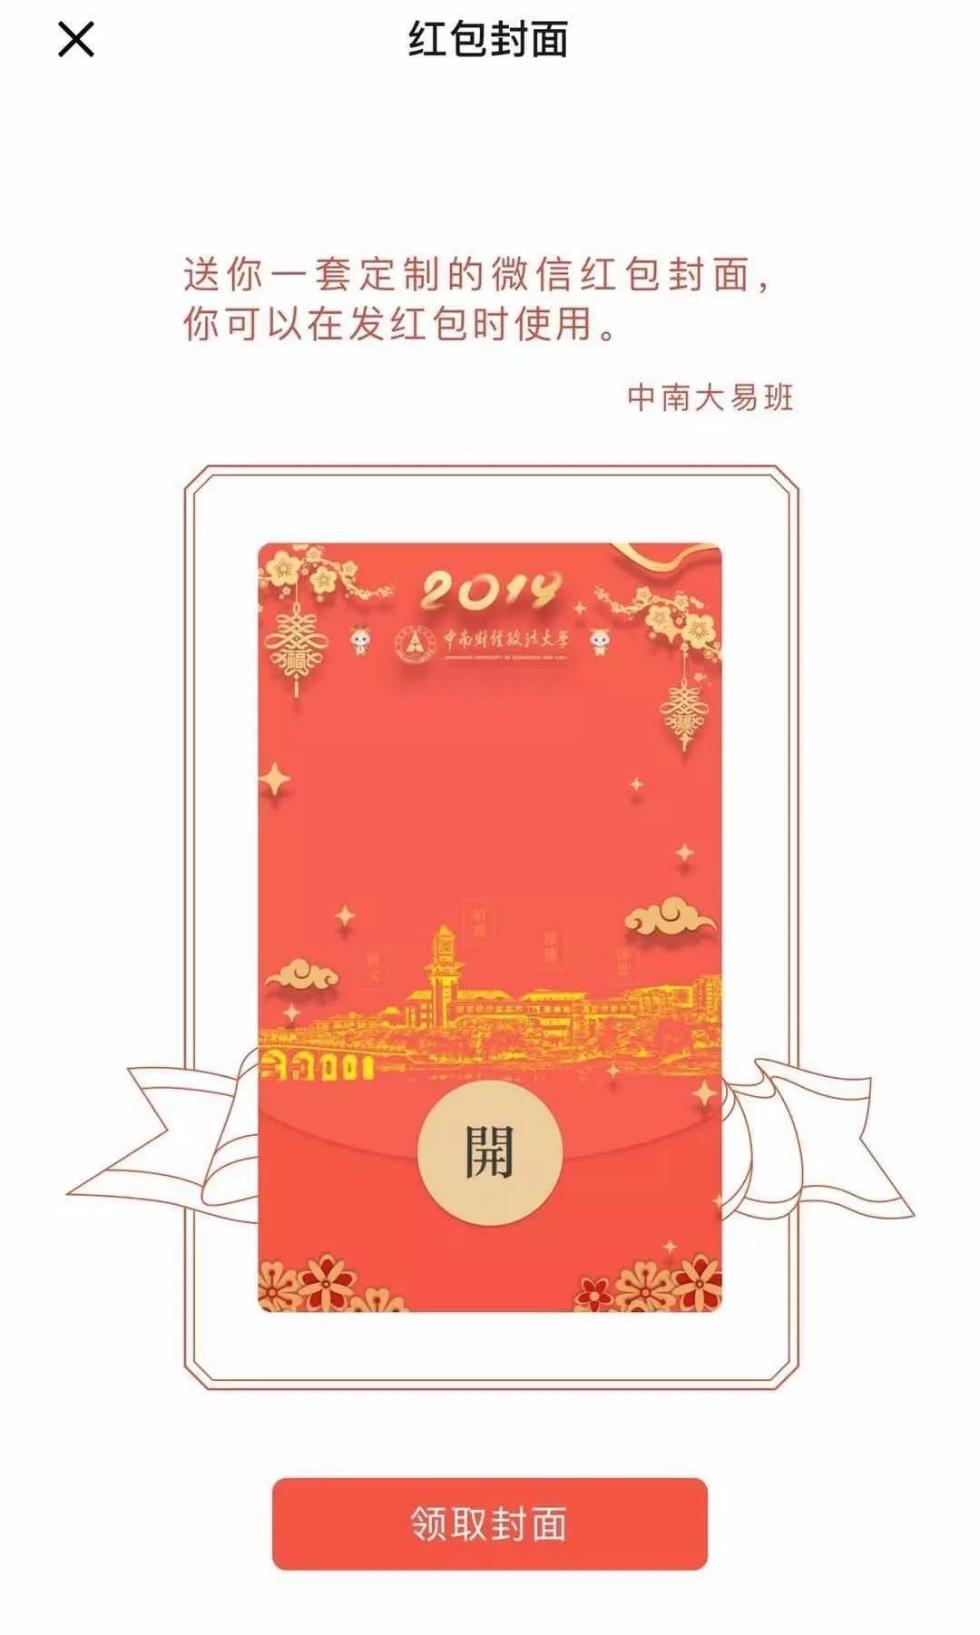 高校推出春节定制红包 你收到母校的红包了吗?